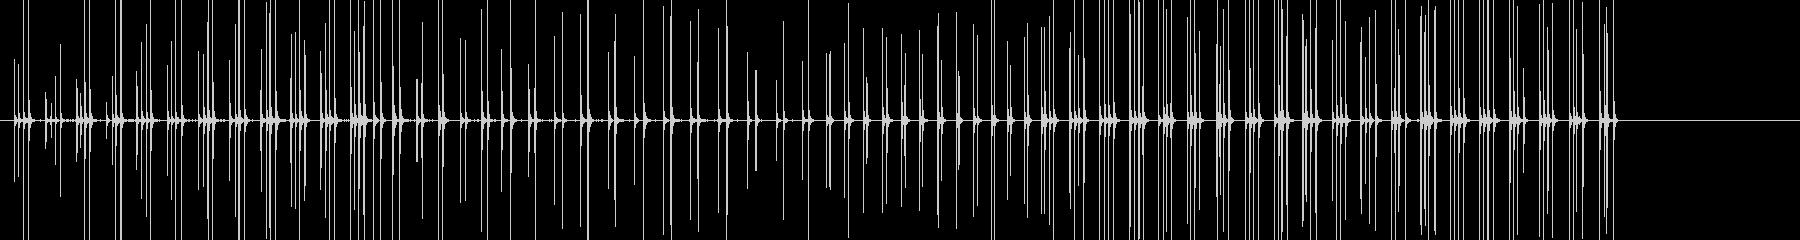 馬のギャロップ/キャンター/ギャロ...の未再生の波形